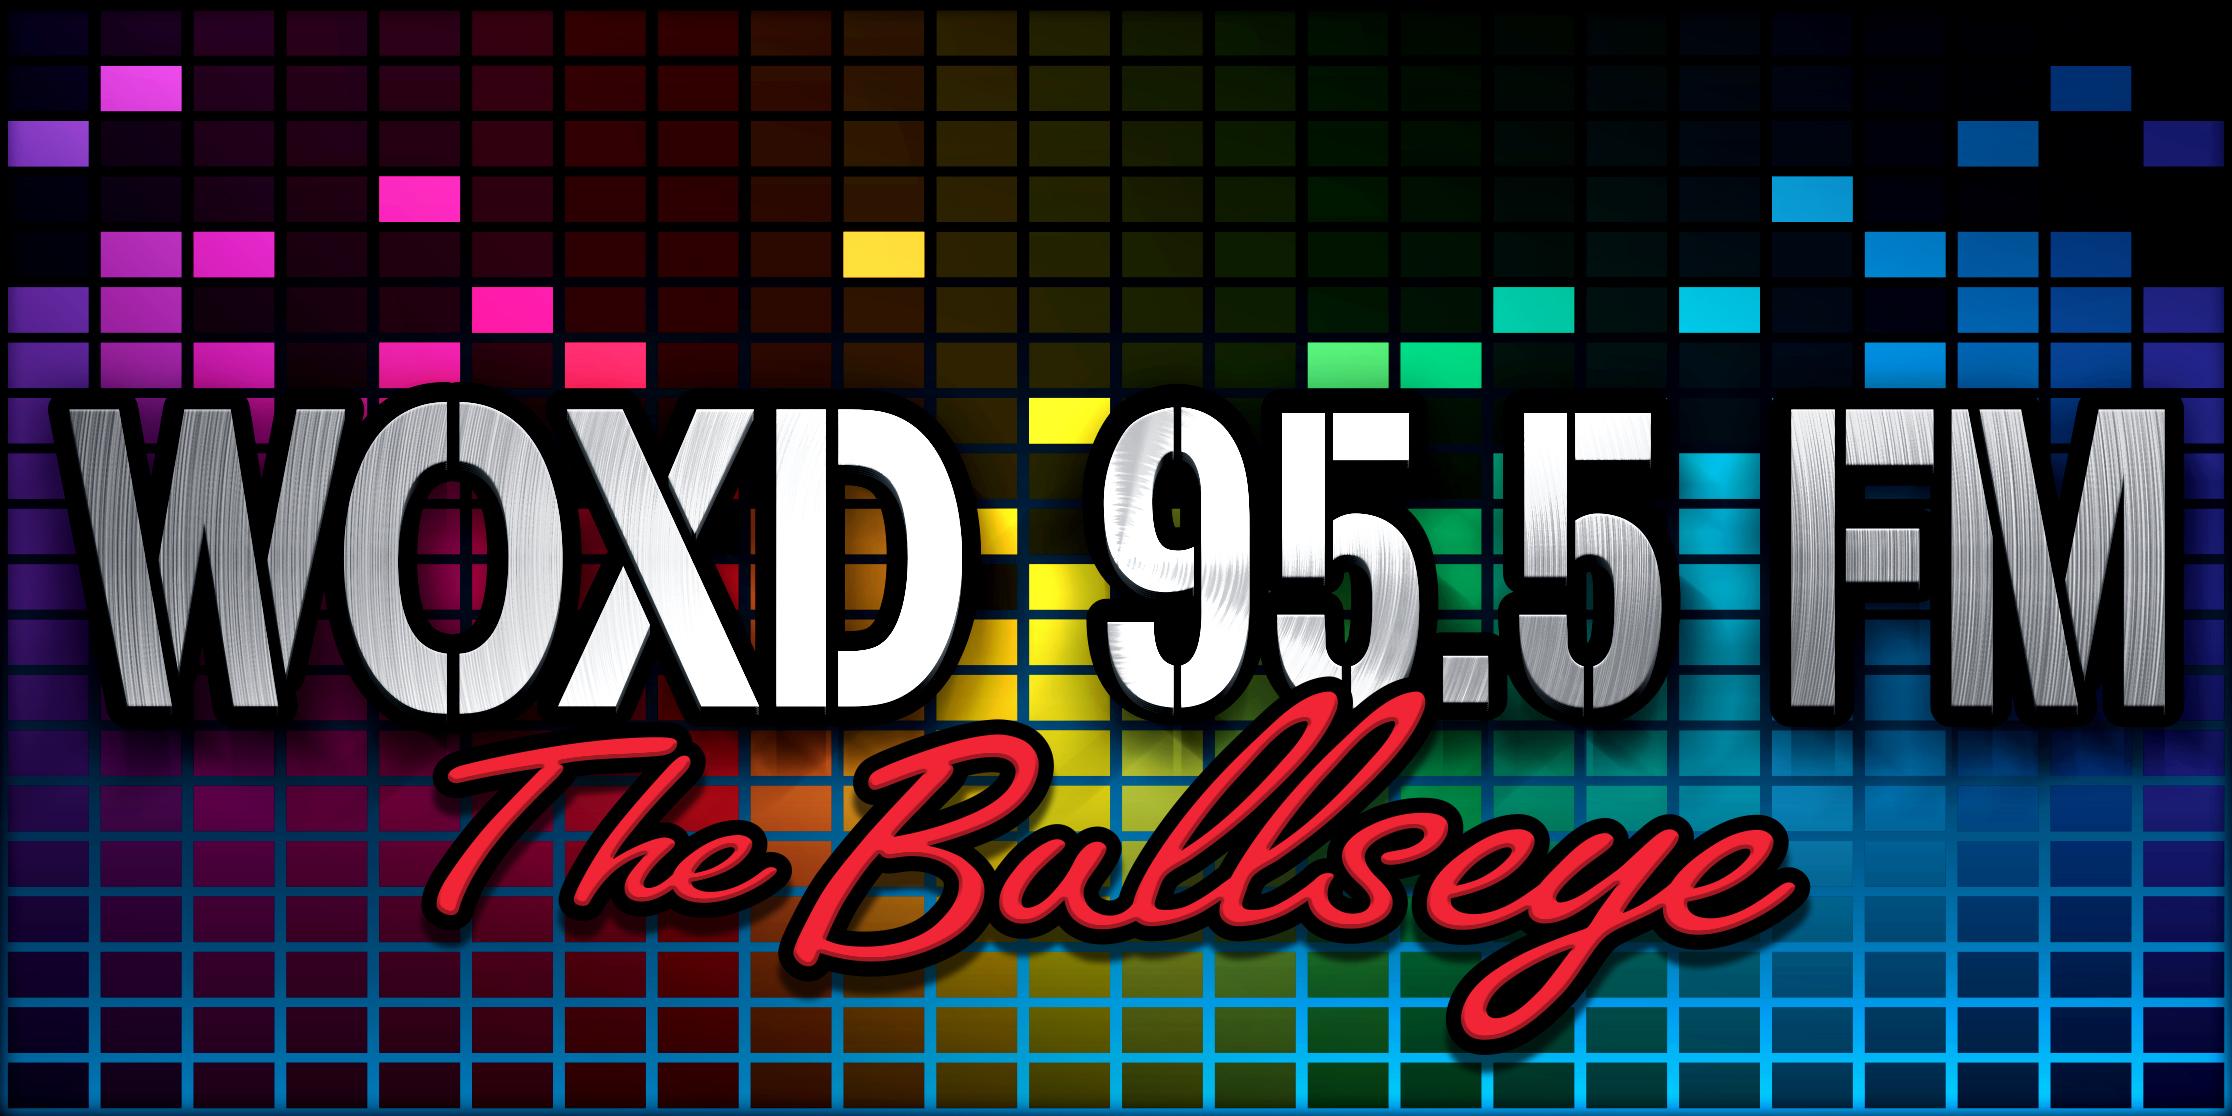 bullseye955fm.jpg